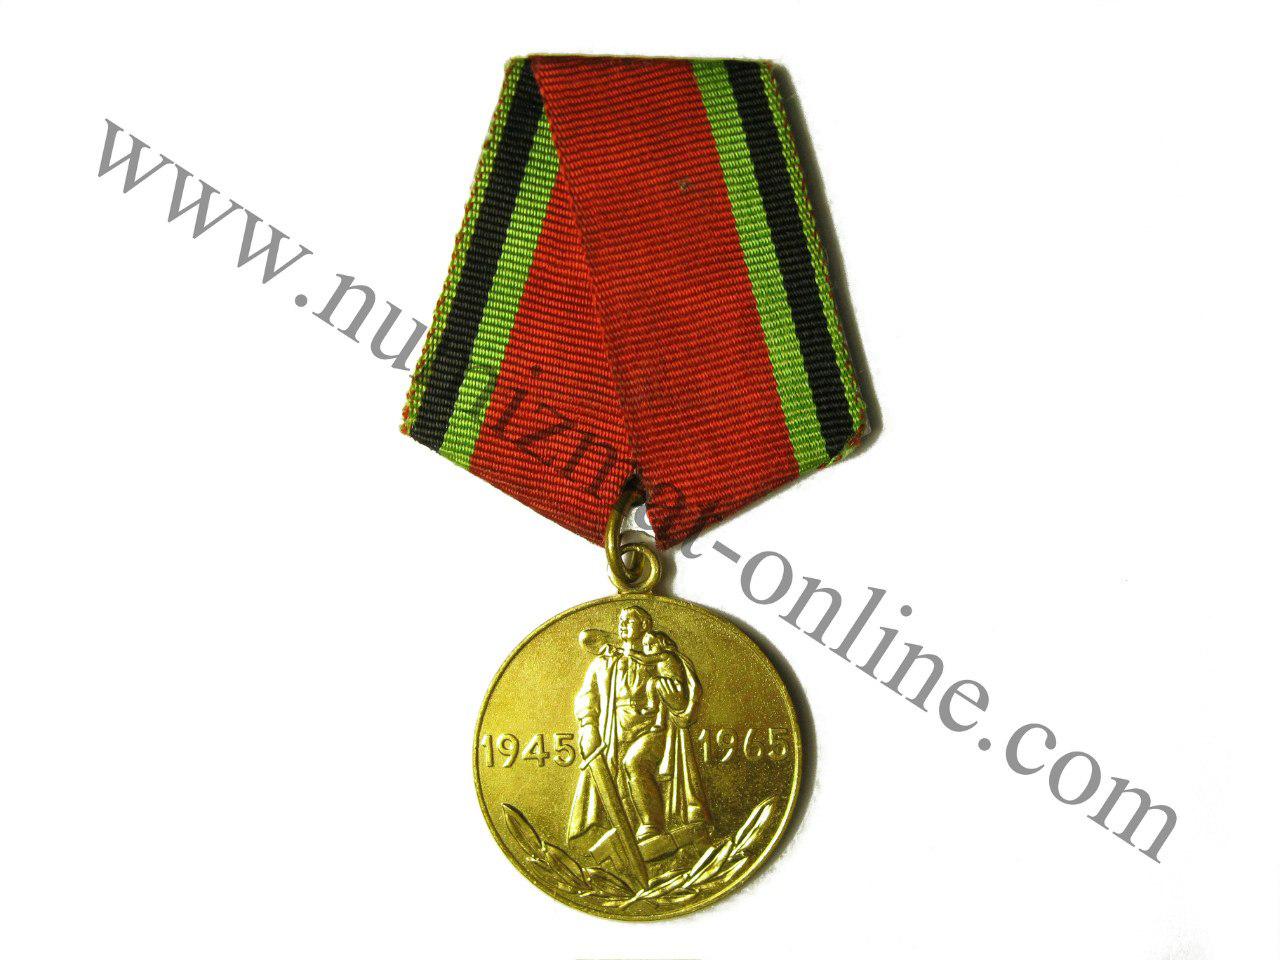 Юбилейная медаль «Двадцать лет победы в Великой Отечественной войне 1941 - 1945 гг.»